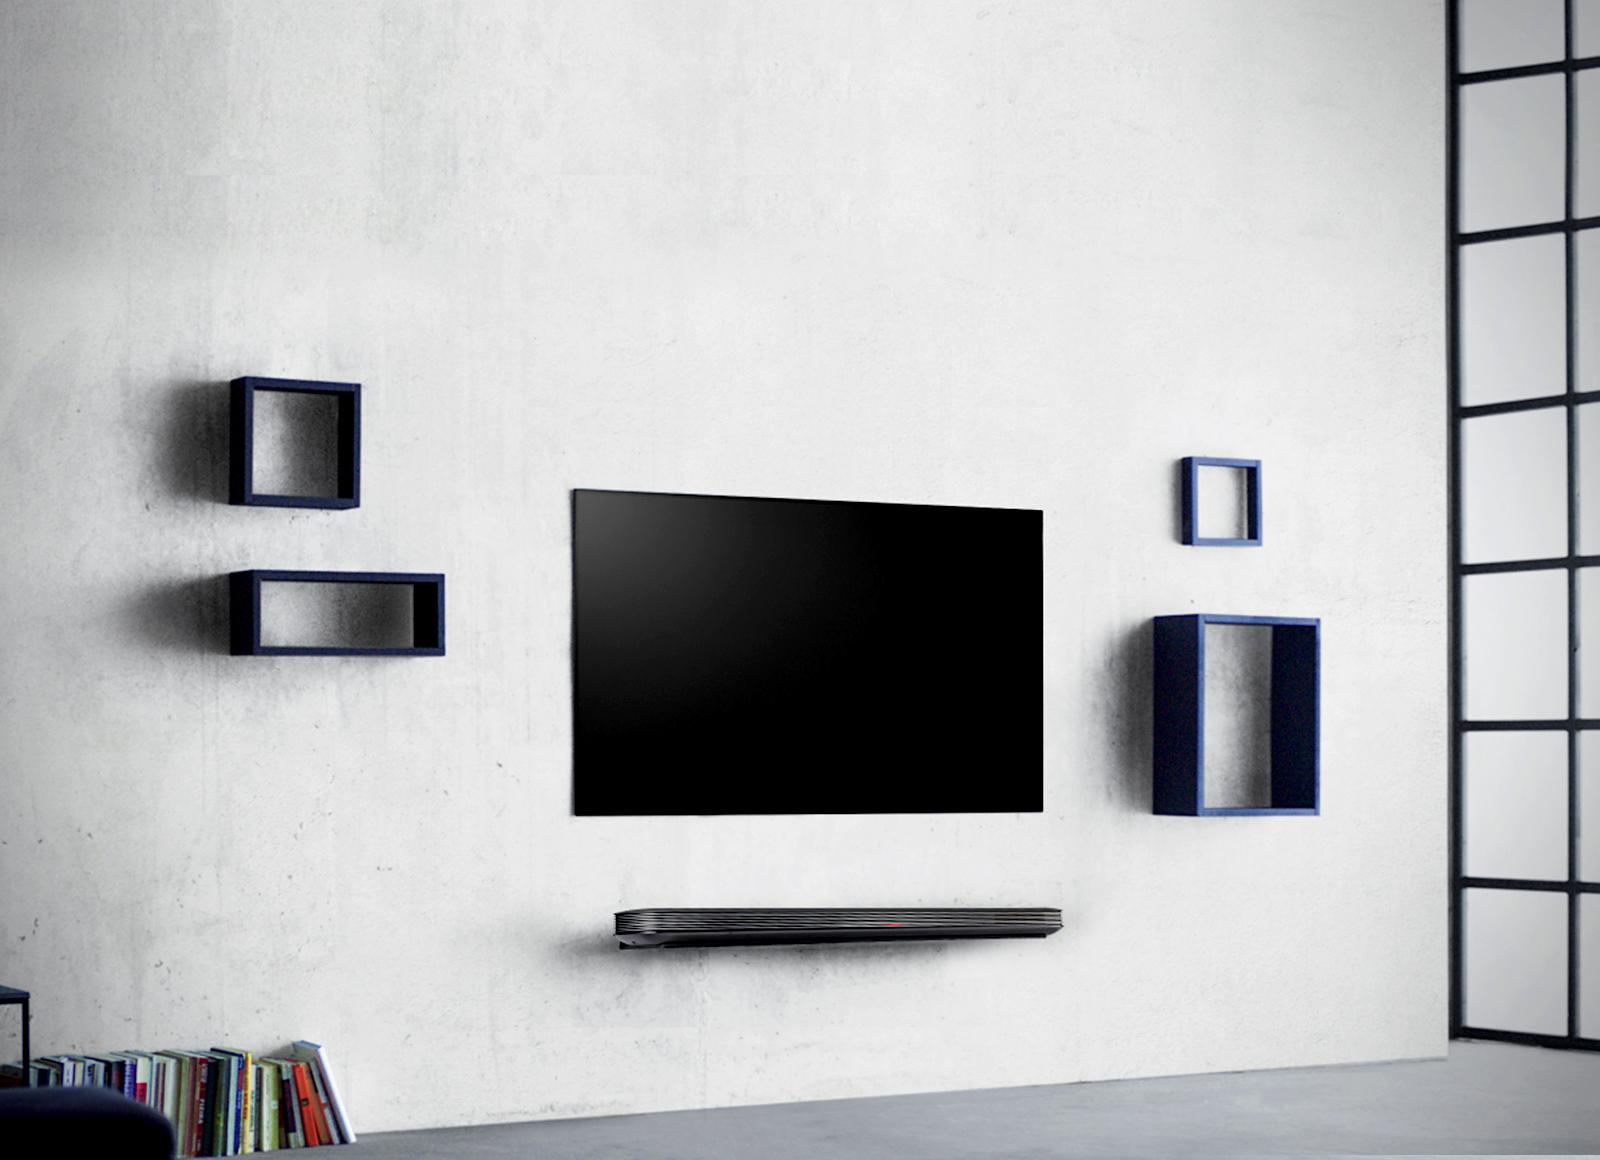 lg signature oled w diesen fernseher pappt ihr wie ein poster an die wand euronics trendblog. Black Bedroom Furniture Sets. Home Design Ideas